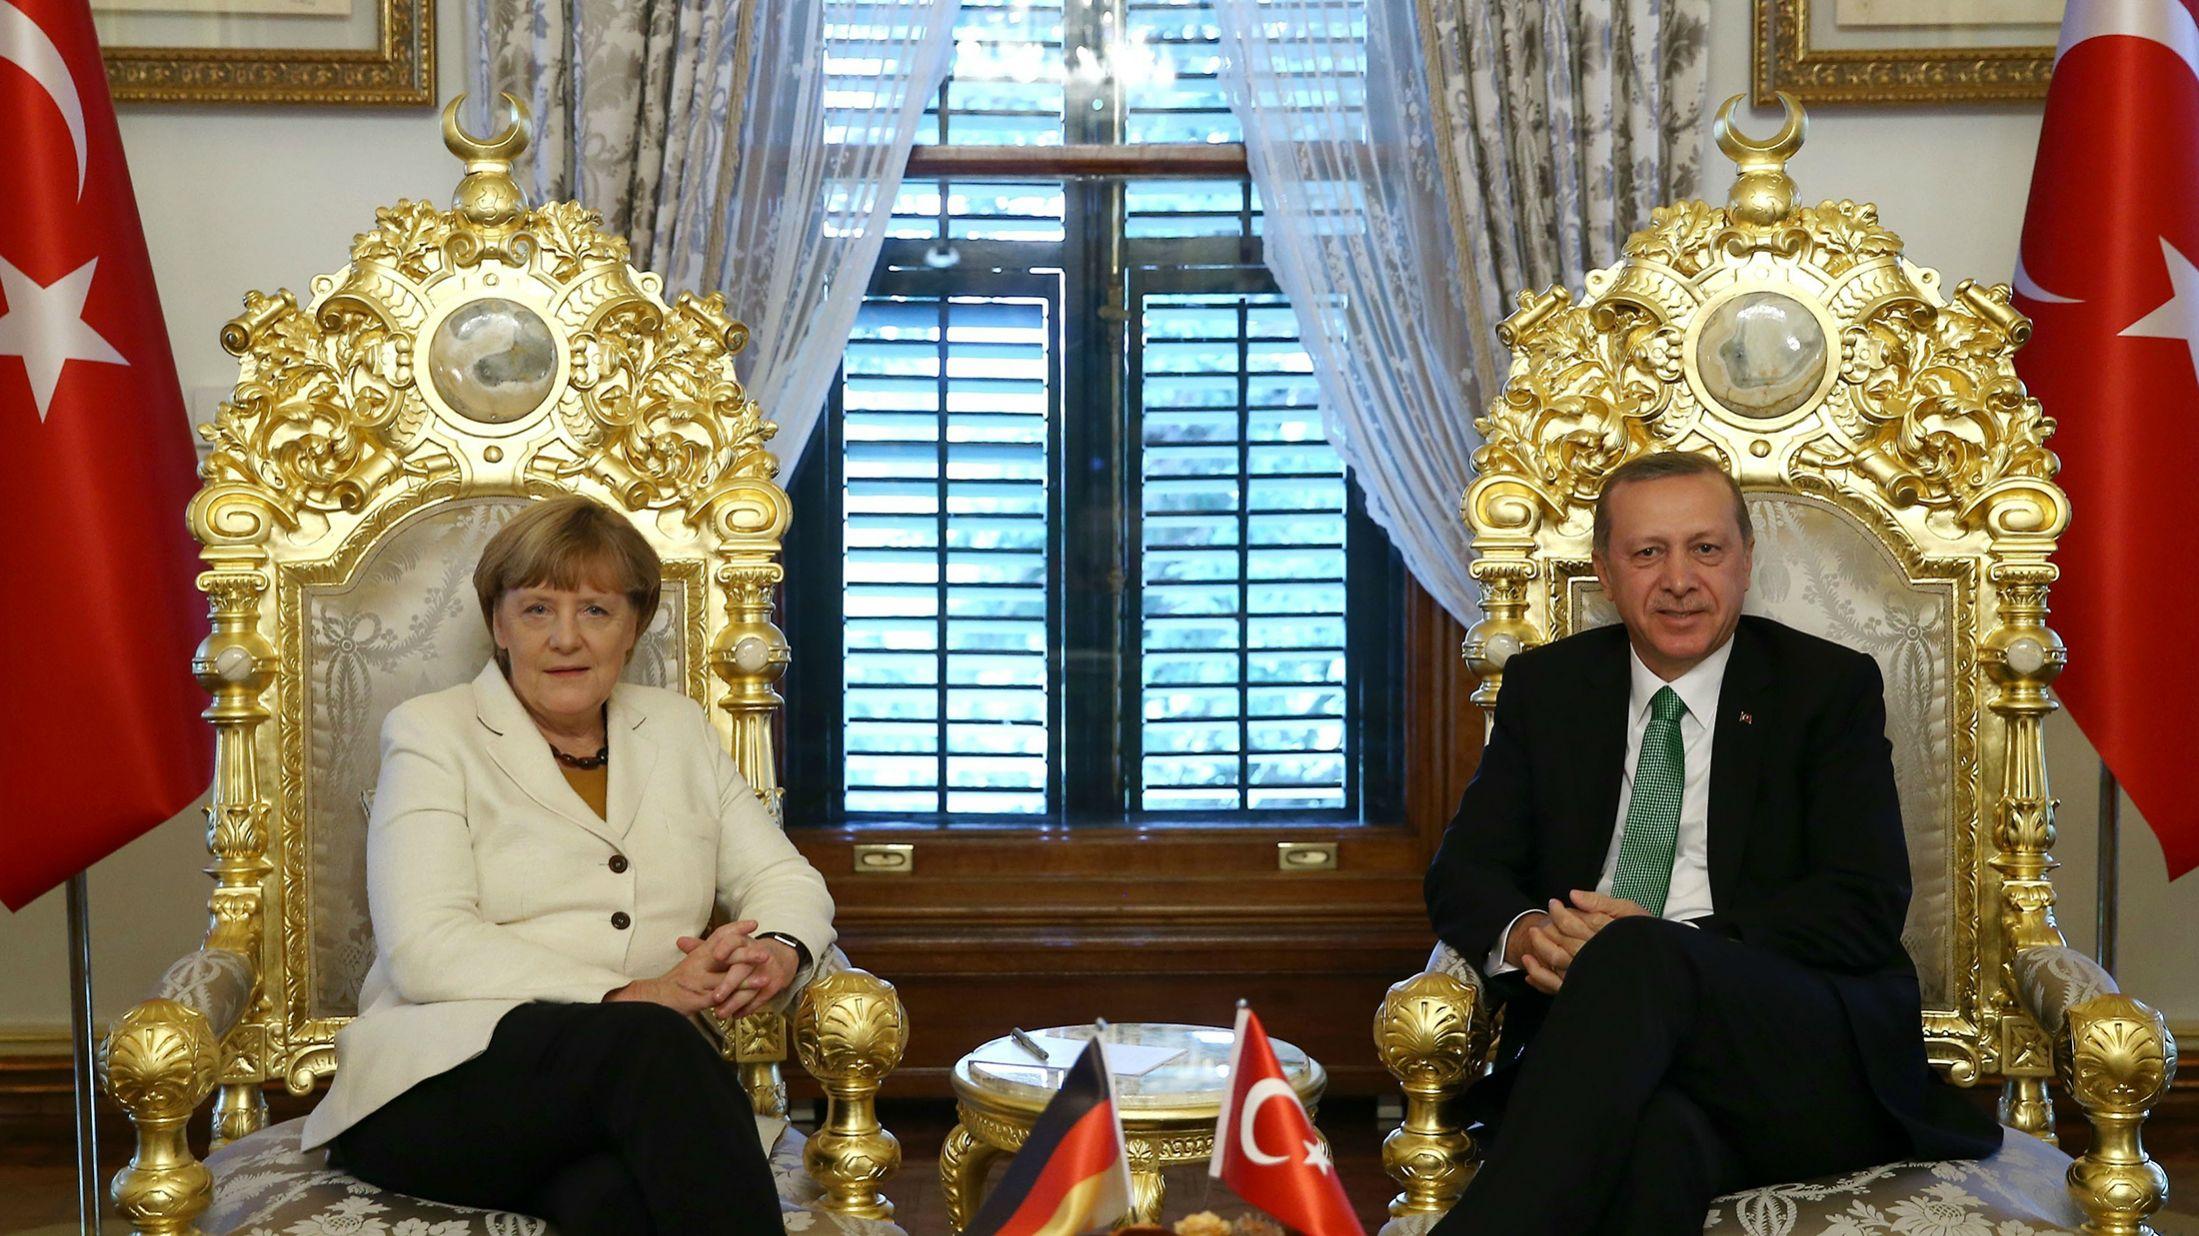 Германия vs Турция— что стоит за конфликтом натовских держав